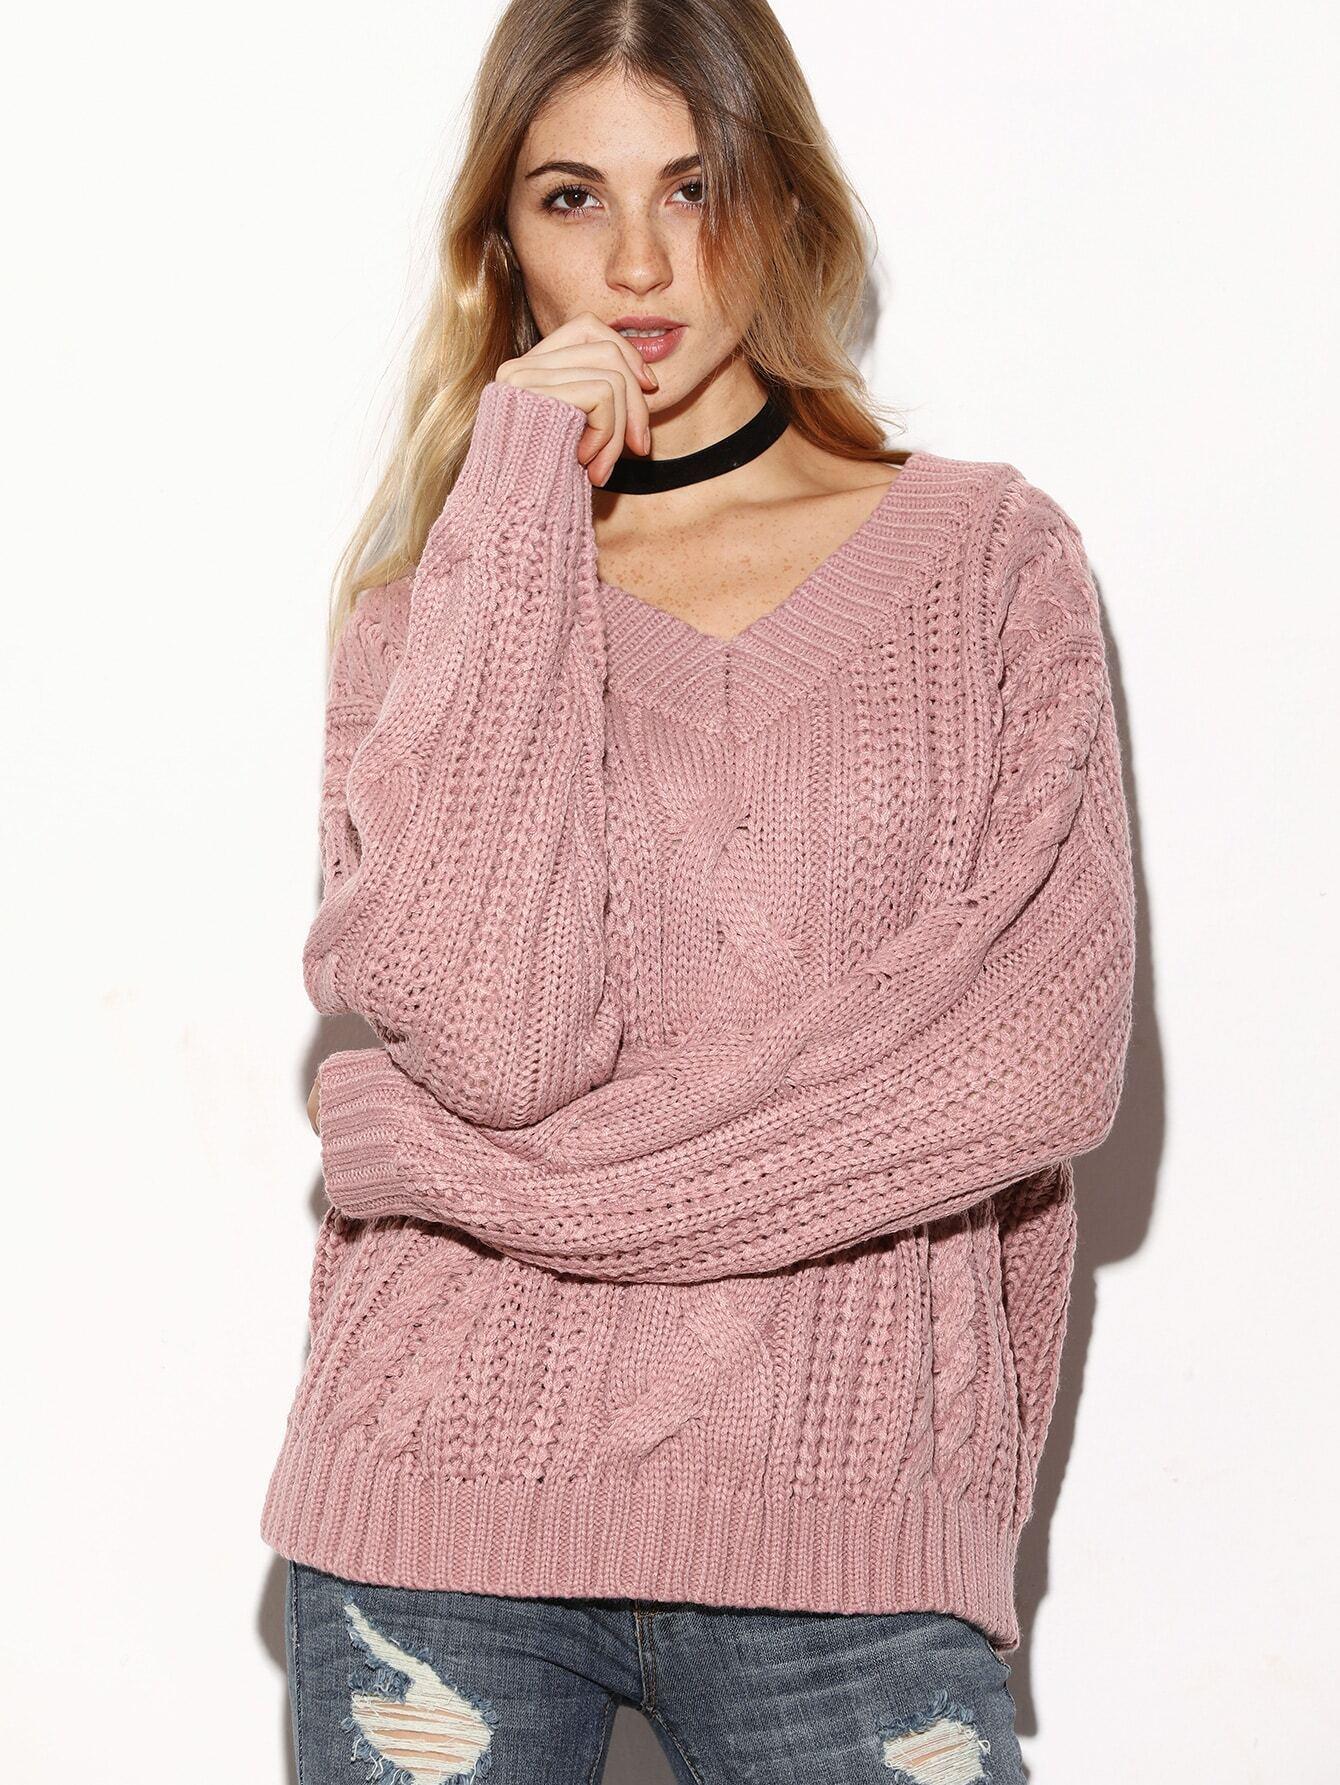 Pink V Neck Drop Shoulder Cable Knit Sweater -SheIn(Sheinside)